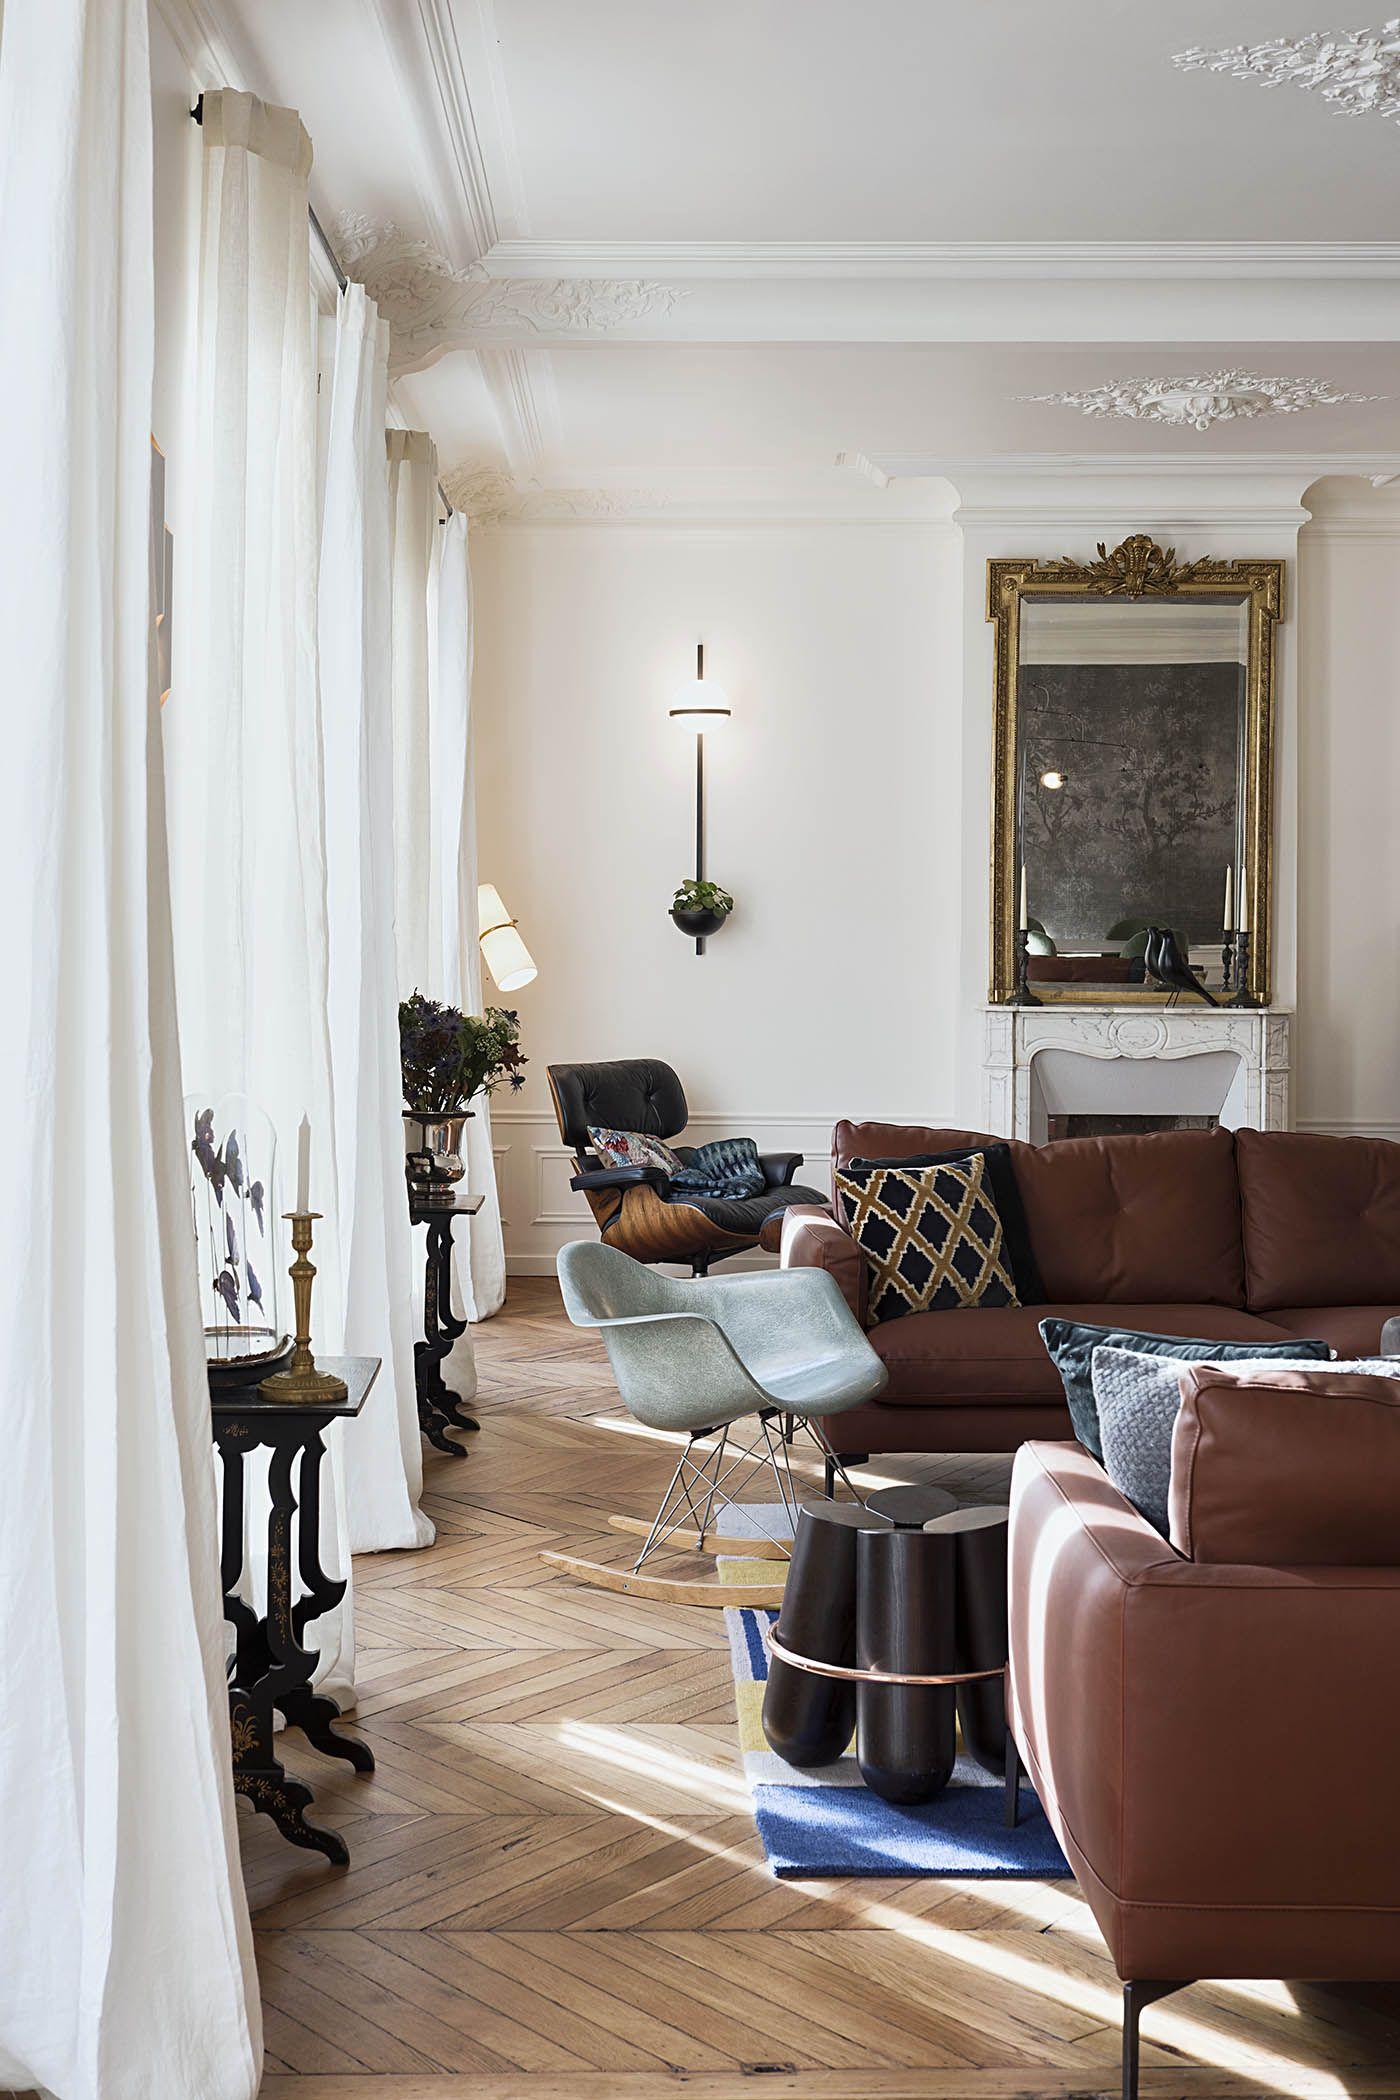 Appartement Paris 10 10surdix In 2020 Salon Interior Design Interior Design Color Schemes Interior Design Books